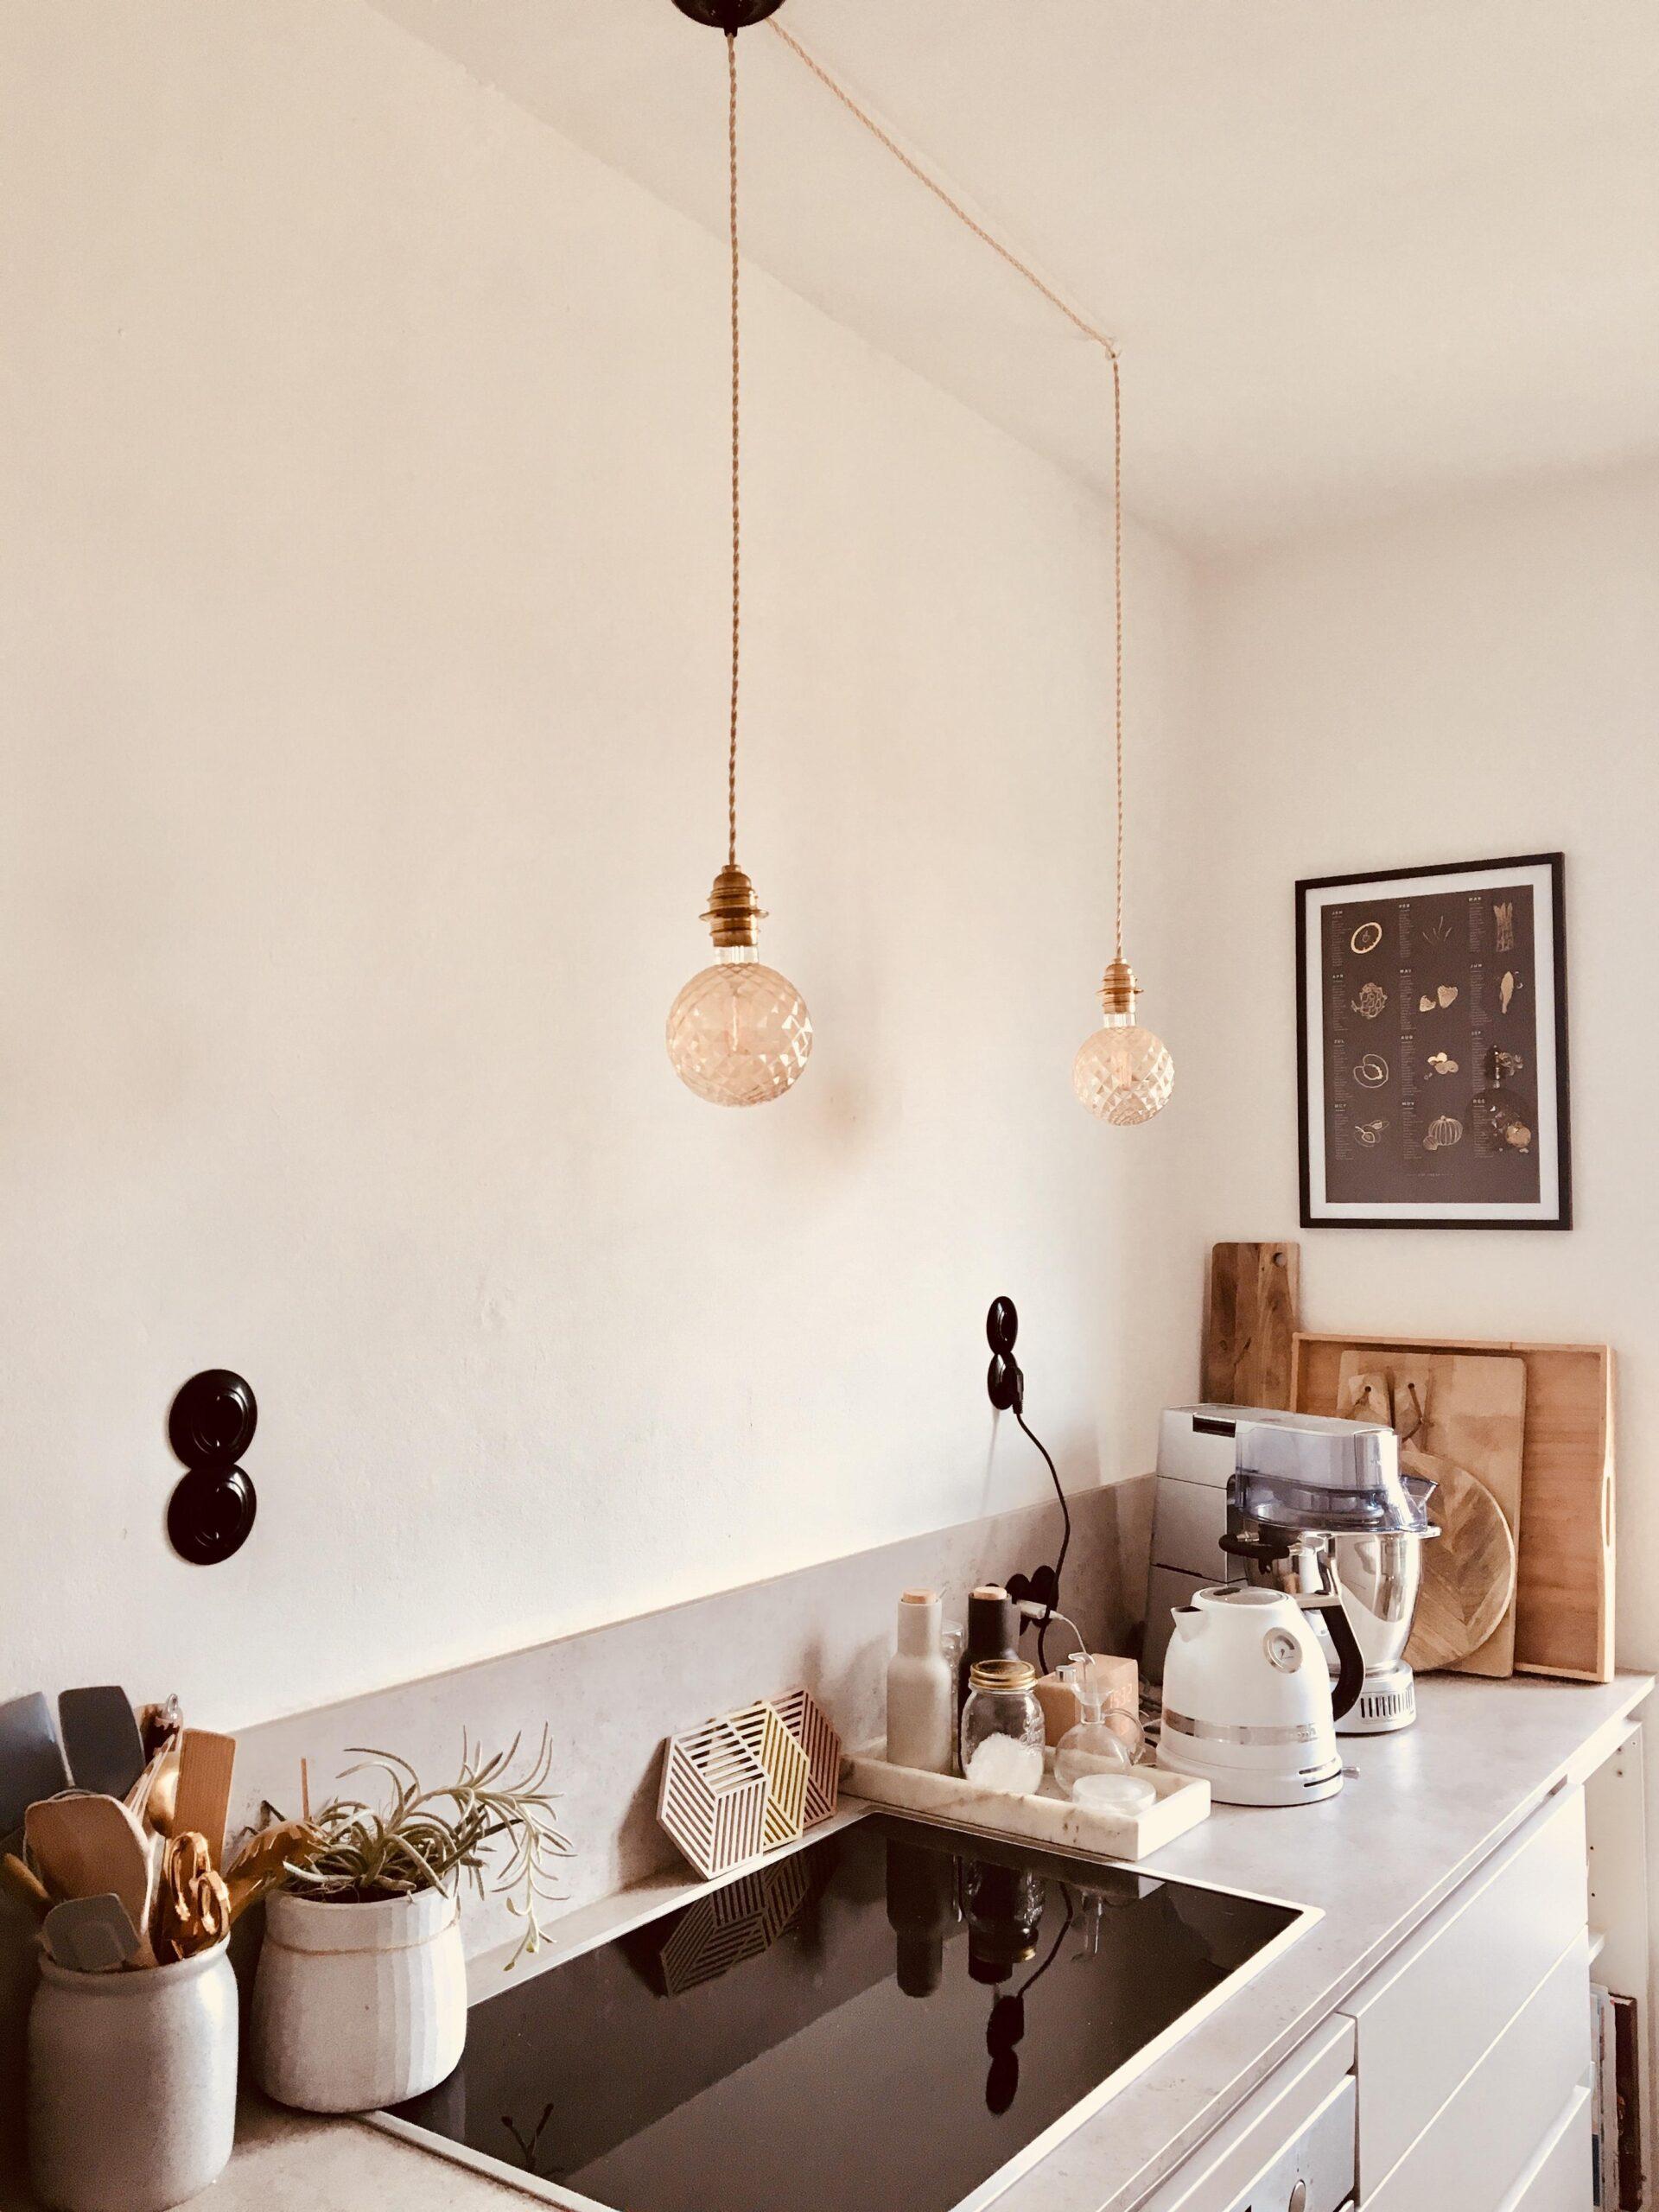 Full Size of Kleiner Tisch Küche Einbauküche Ohne Kühlschrank Sitzbank Unterschränke Mit Geräten Doppelblock Hochglanz Eckbank Kaufen Günstig Holzofen Wohnzimmer Küche Ideen Modern